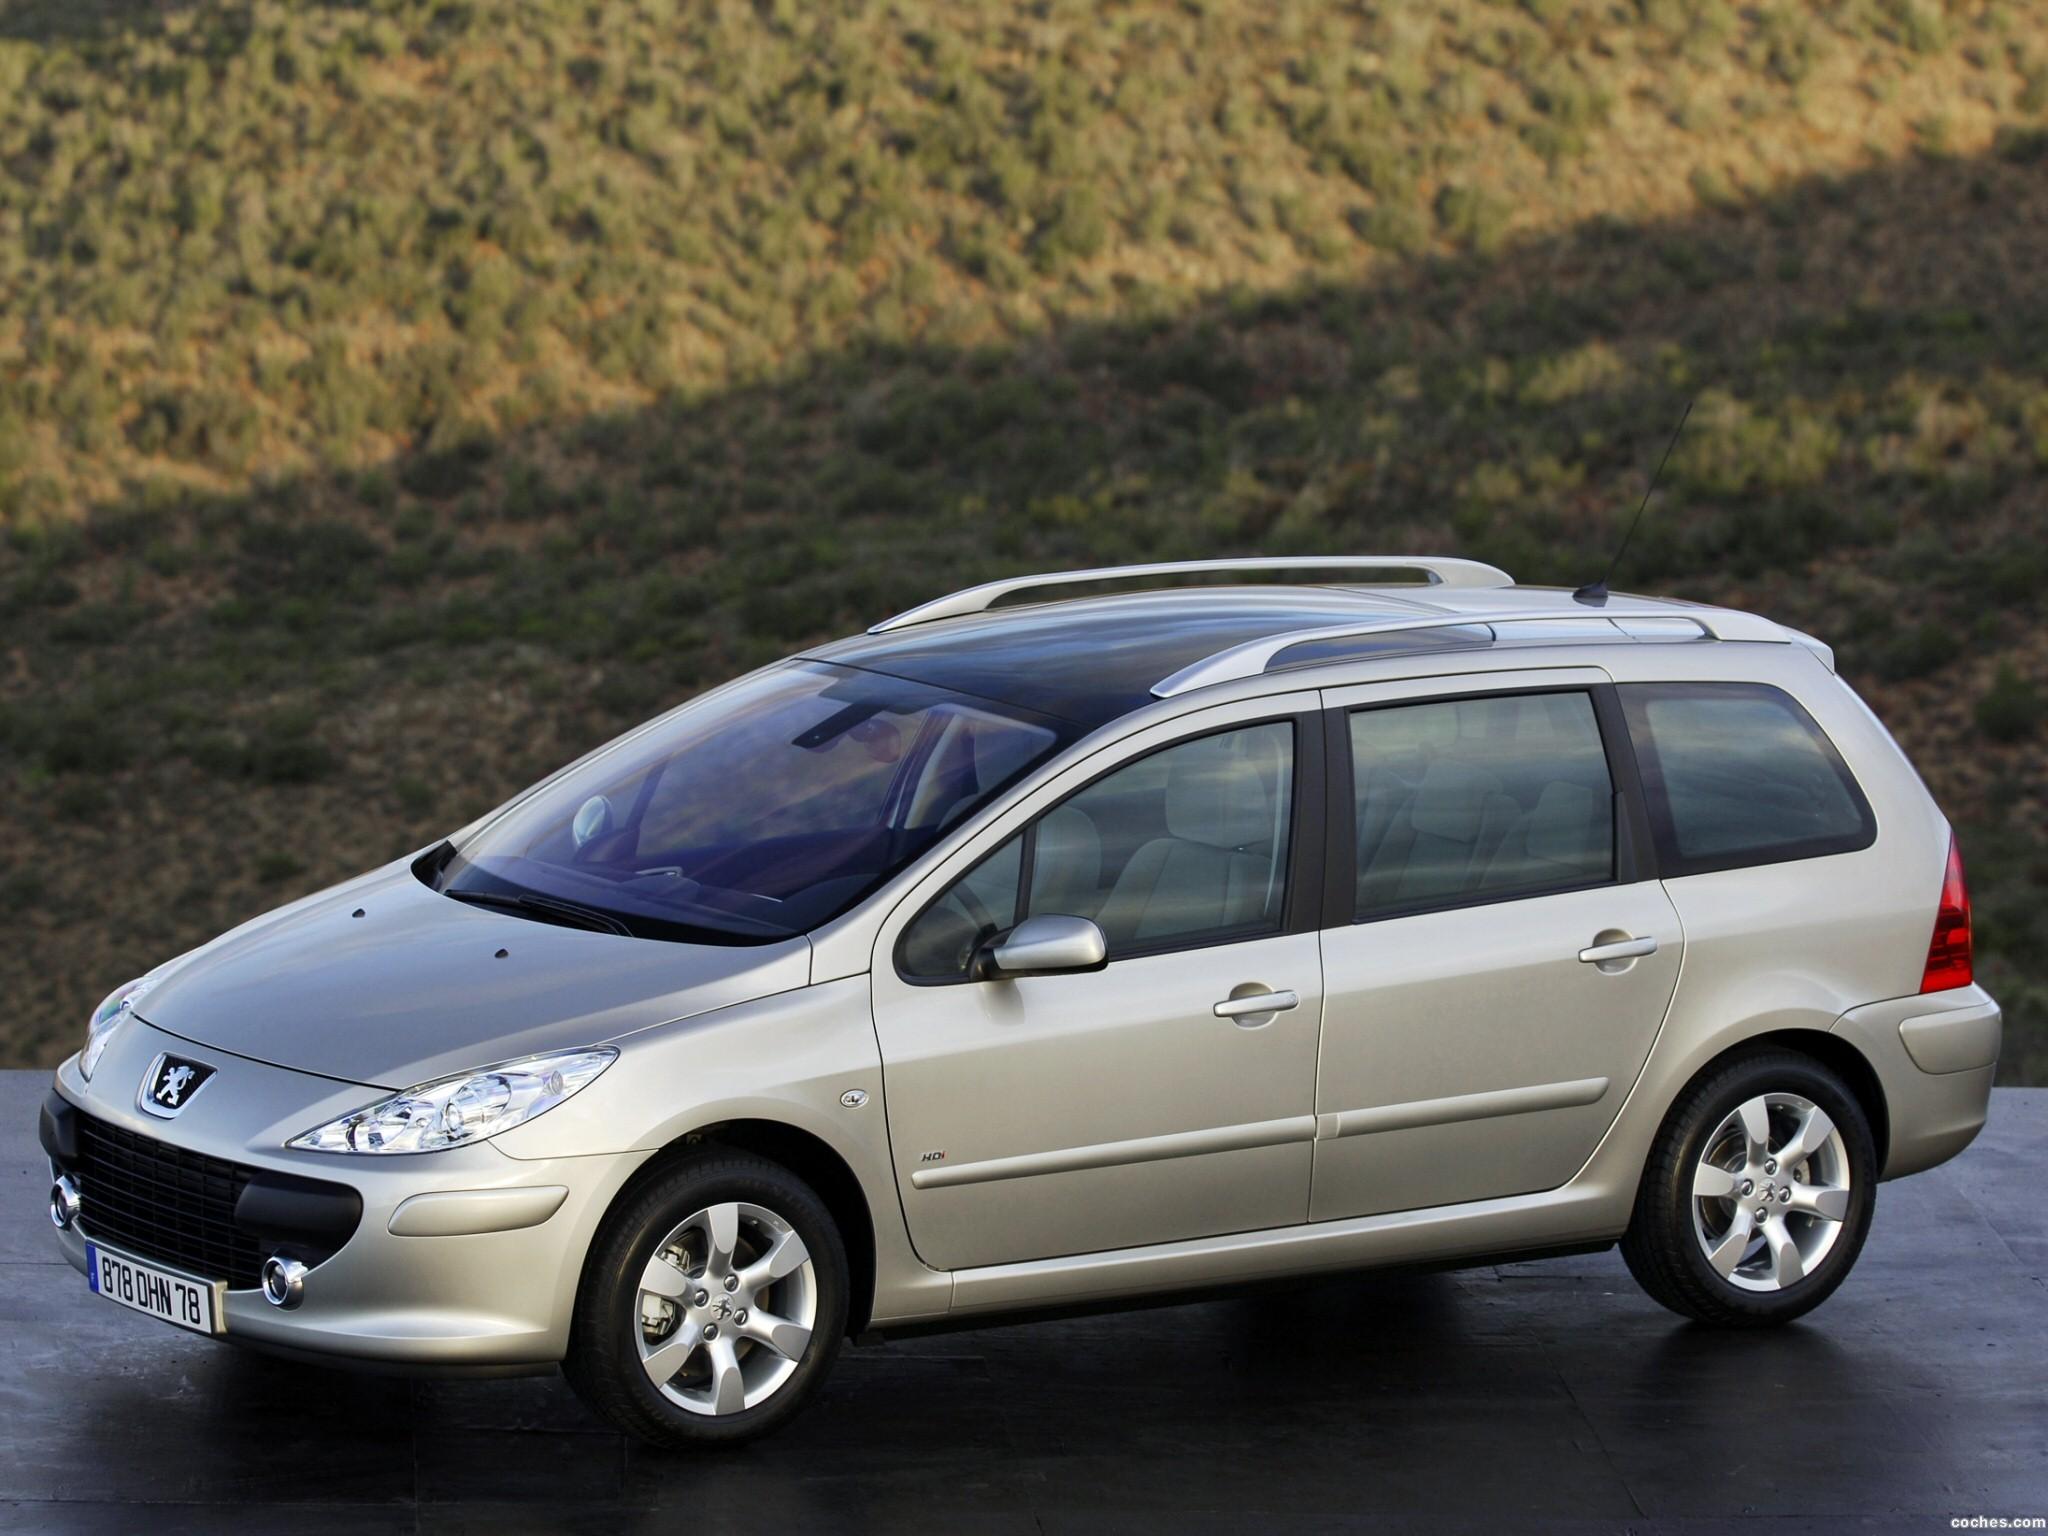 Foto 0 de Peugeot 307 SW Facelift 2005